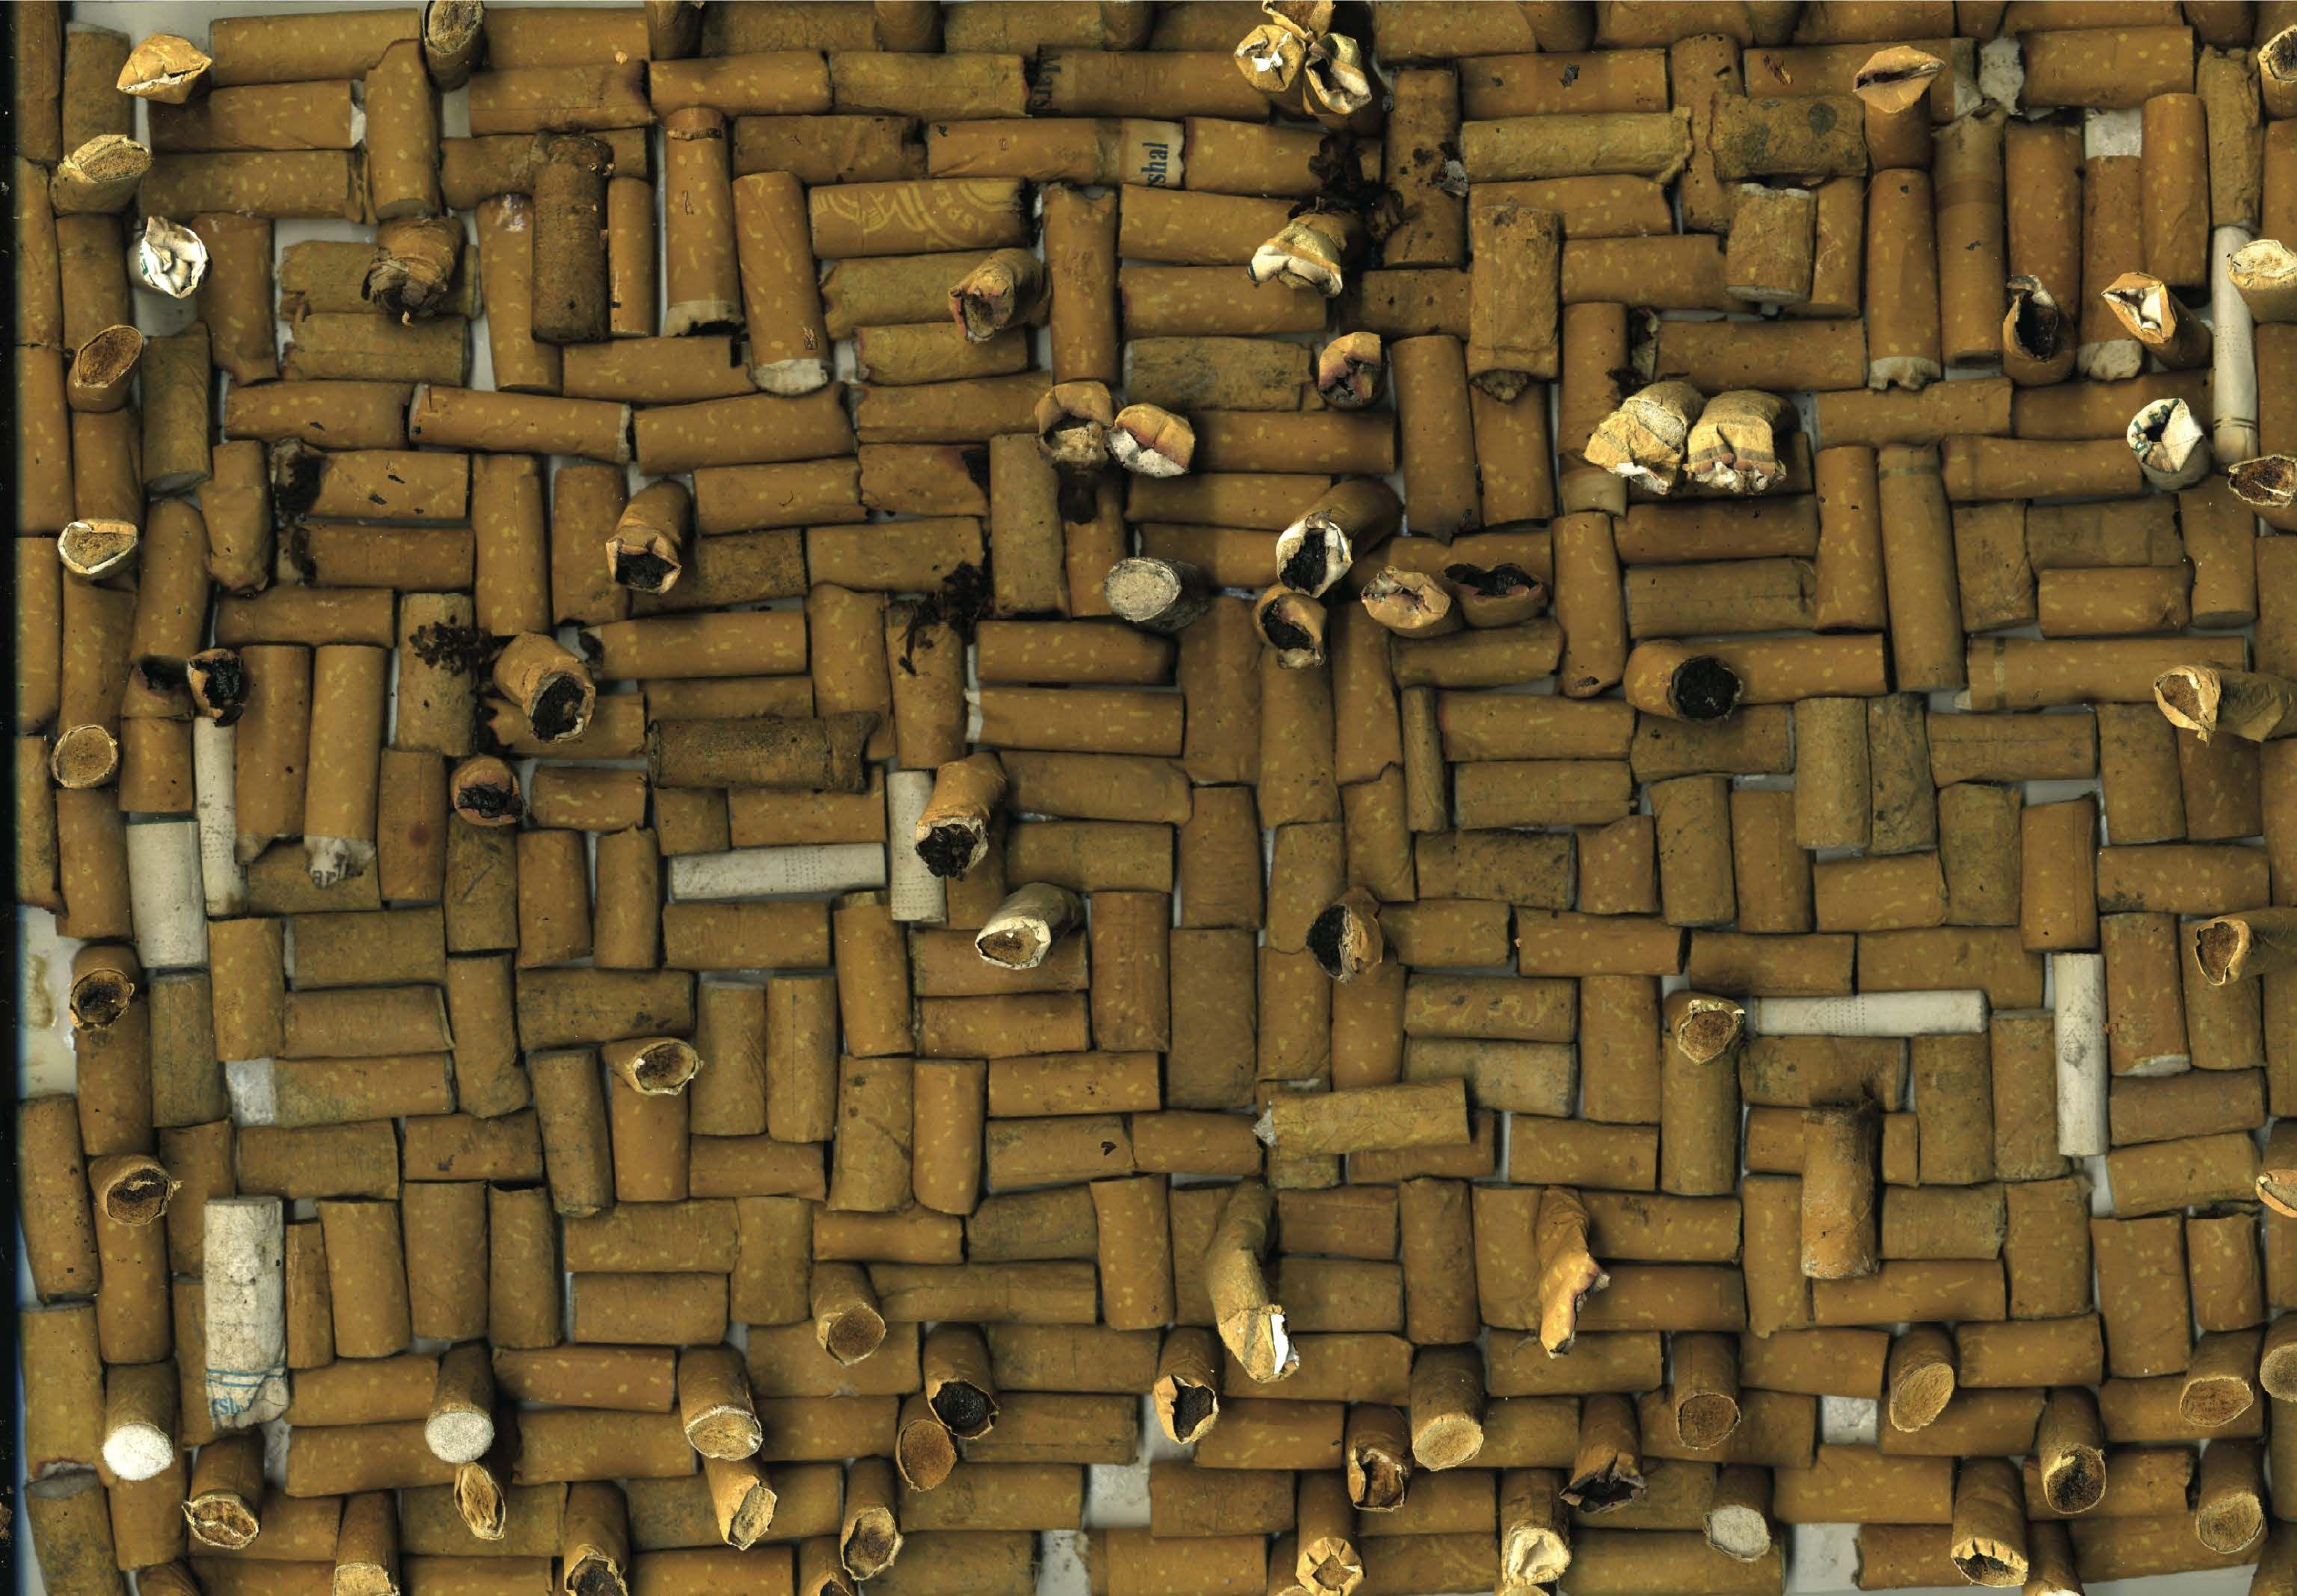 Intercambio 148 |2008 |Colillas de cigarros |21 x 28 cm